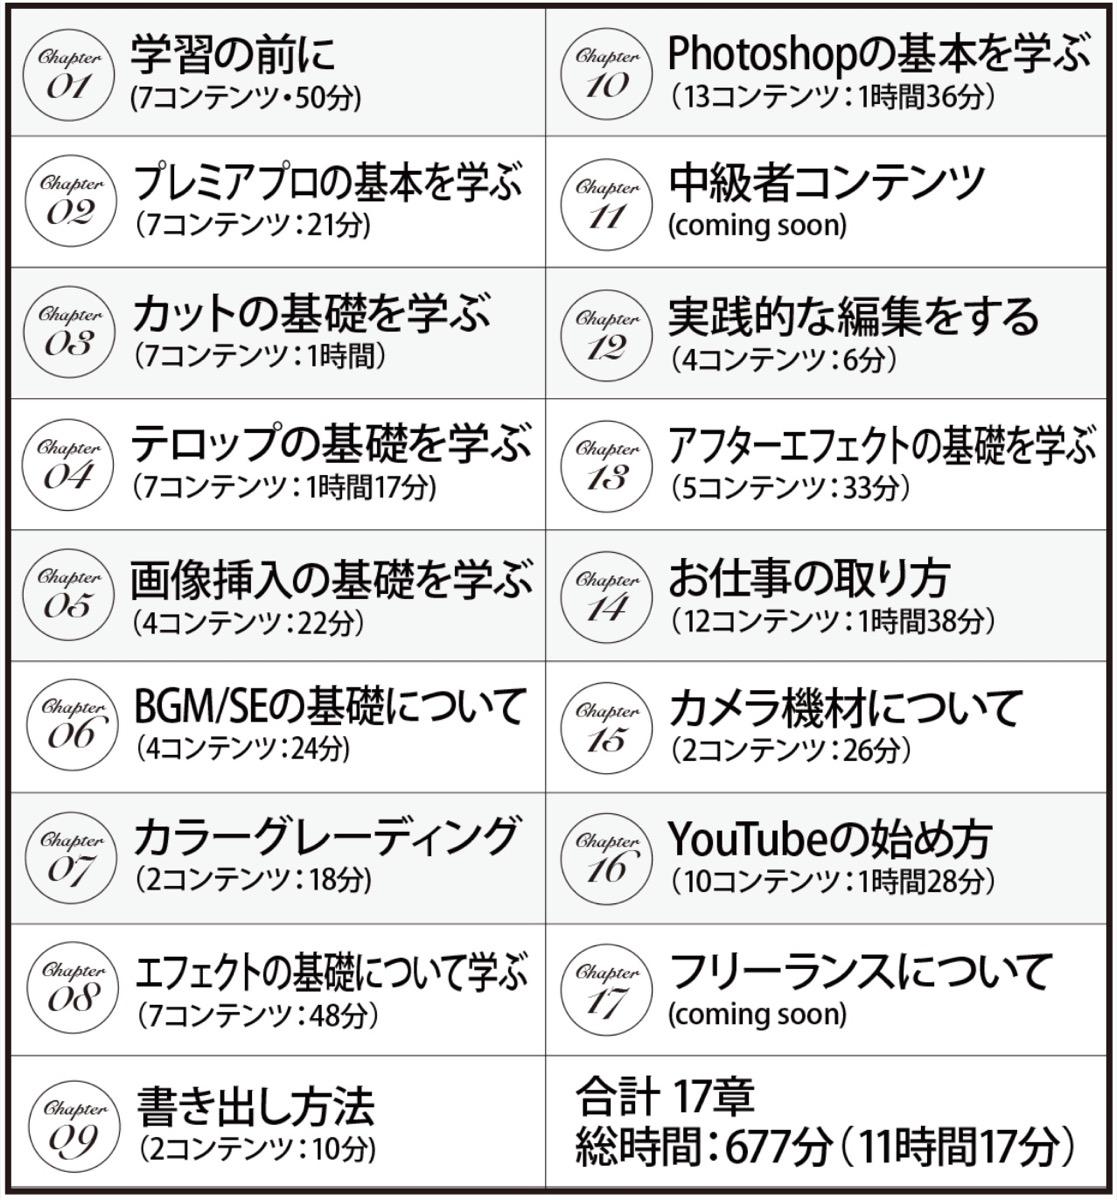 クリエイターズジャパン-学習の内容